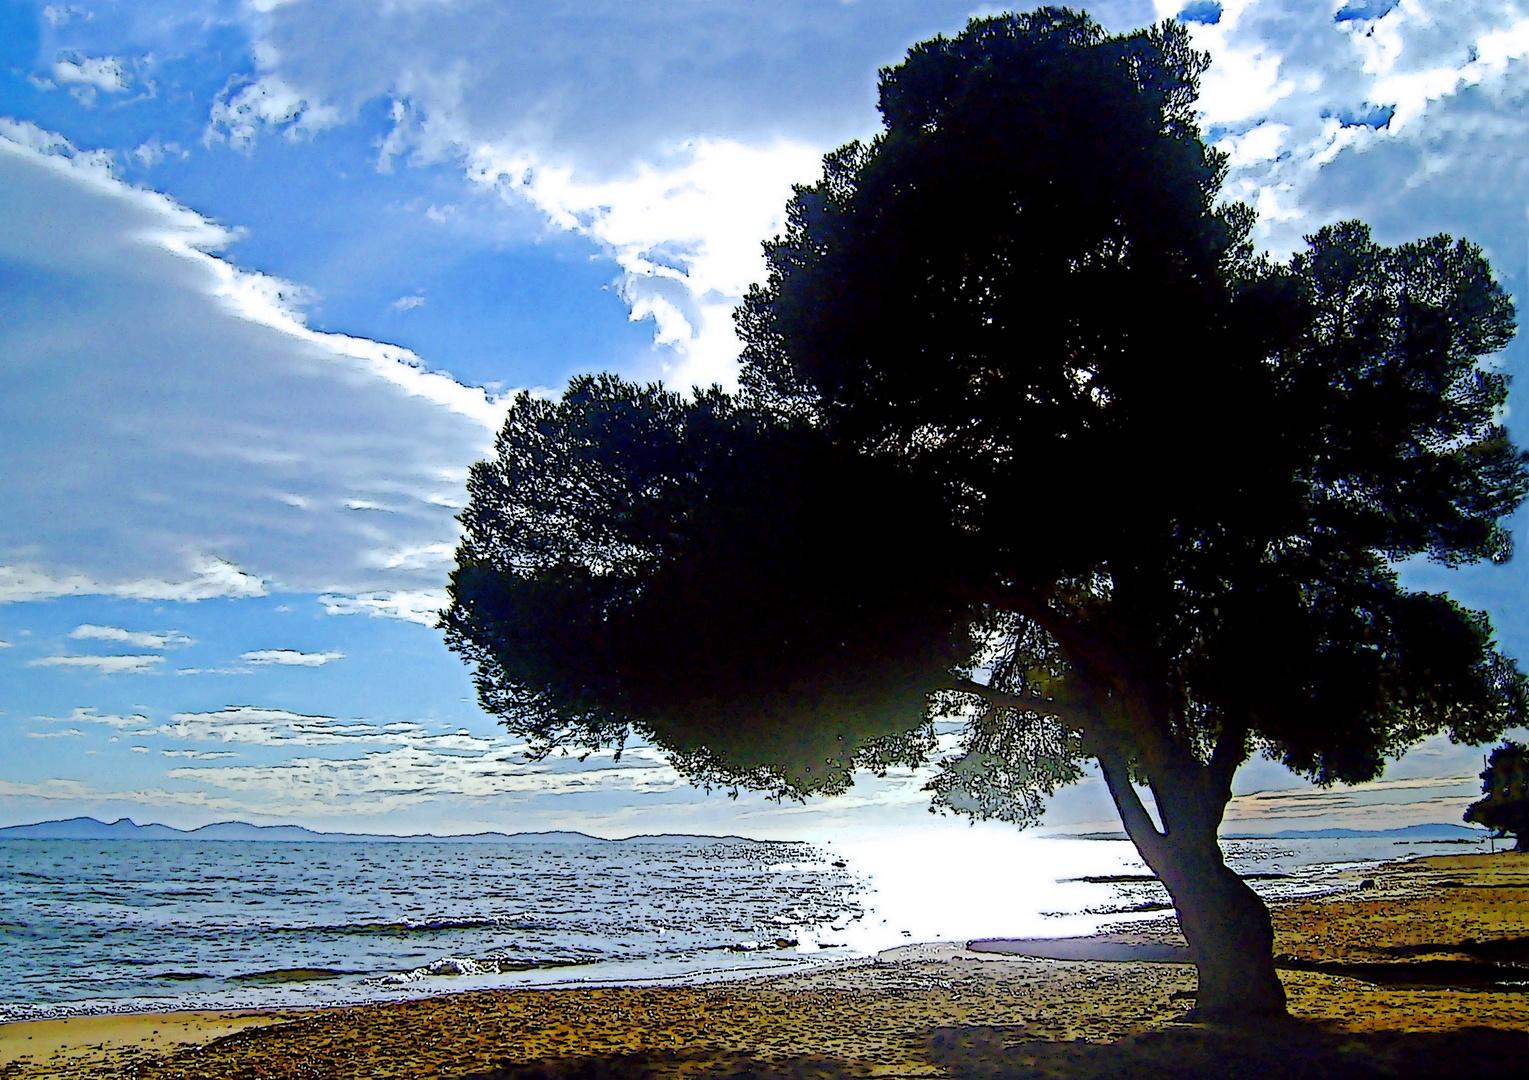 sur la plage, j'y suis bien à son ombre